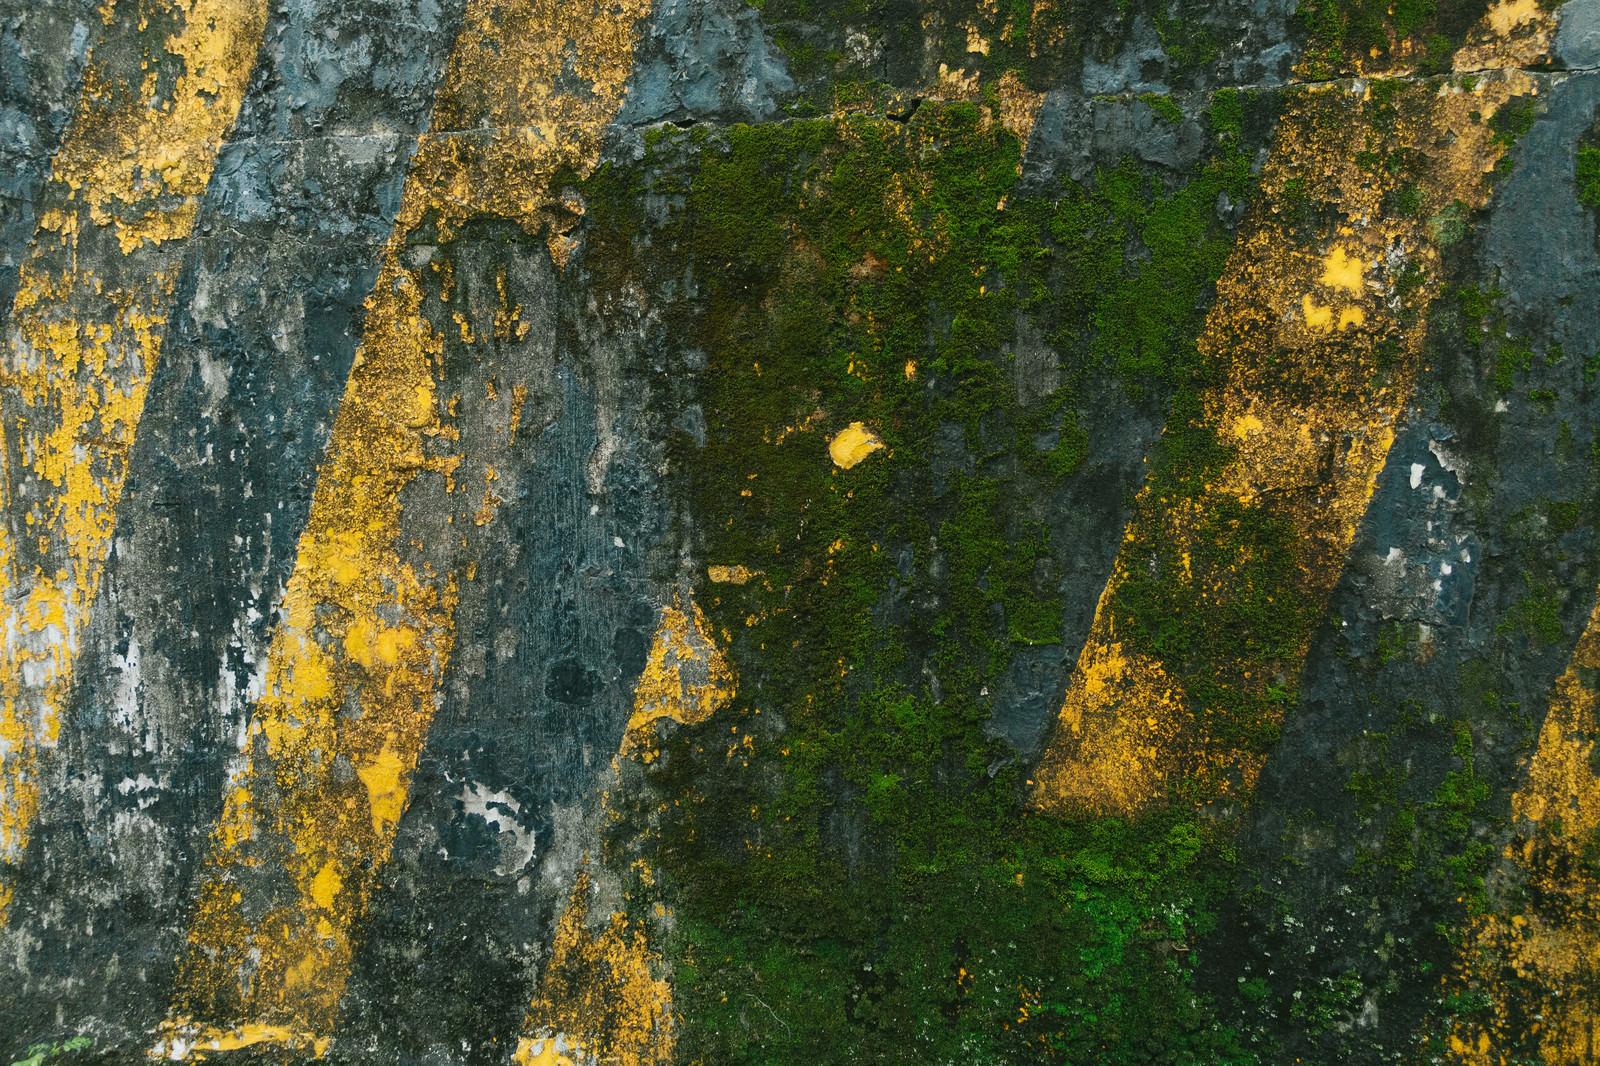 「ひどく汚れた黄色と黒の警告壁ひどく汚れた黄色と黒の警告壁」のフリー写真素材を拡大